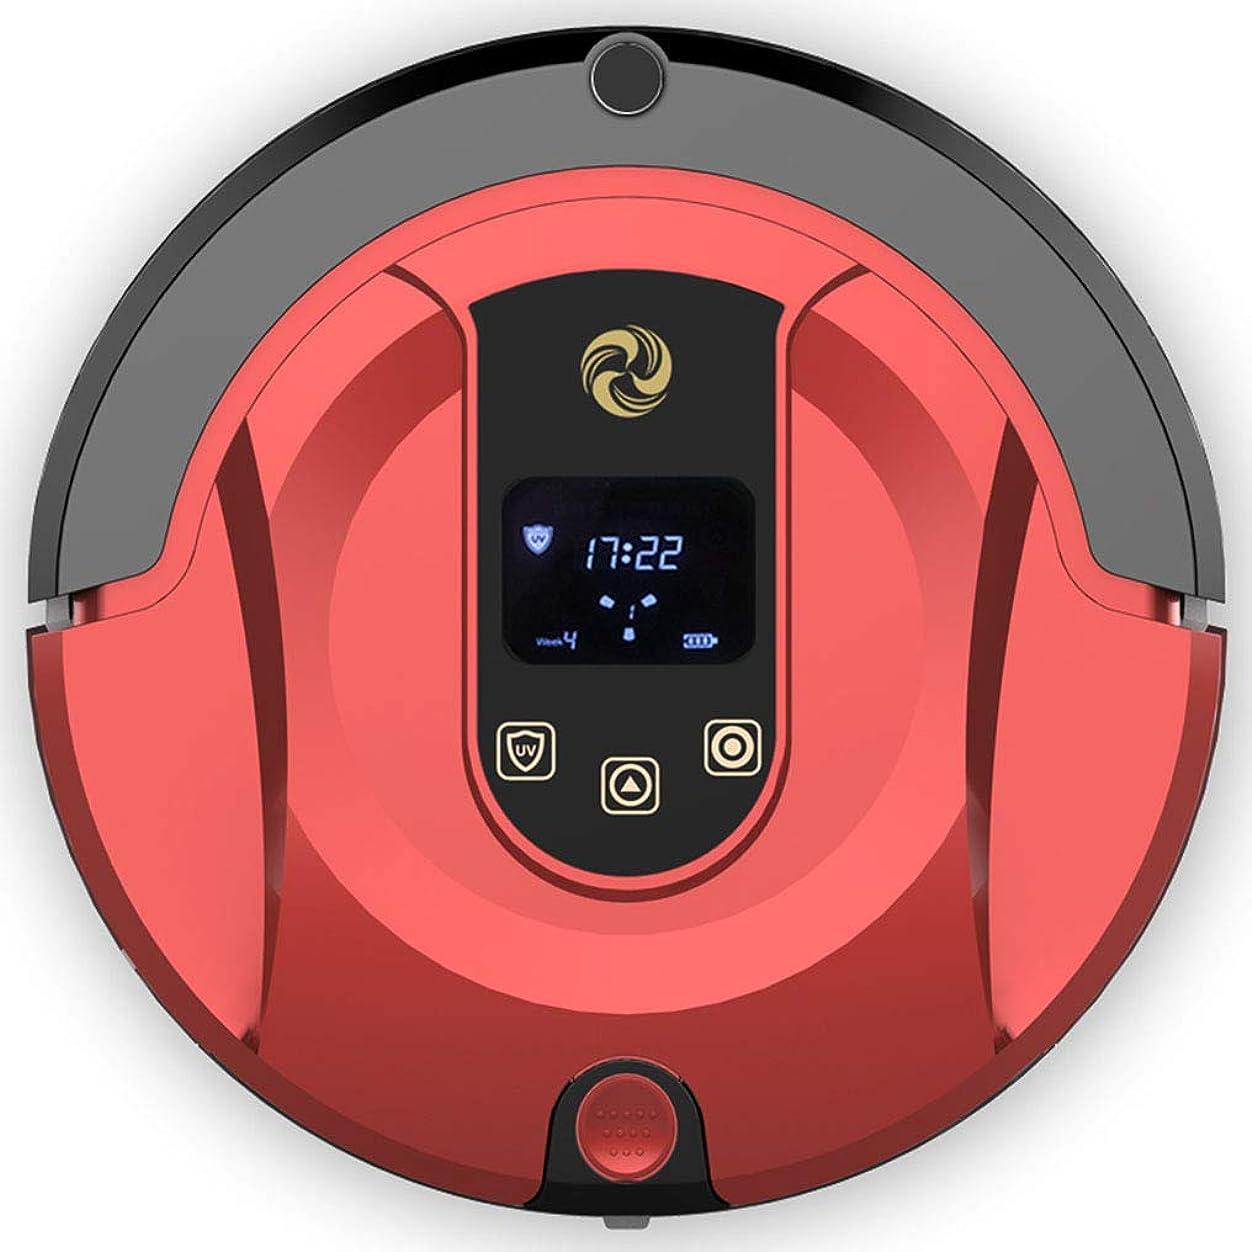 執着短くする雪調整可能 ロボット掃除機自動クリーニングスマート自動充電、堅木張りの床のカーペットタイルペットヘアーケアの自動掃除 リラックス